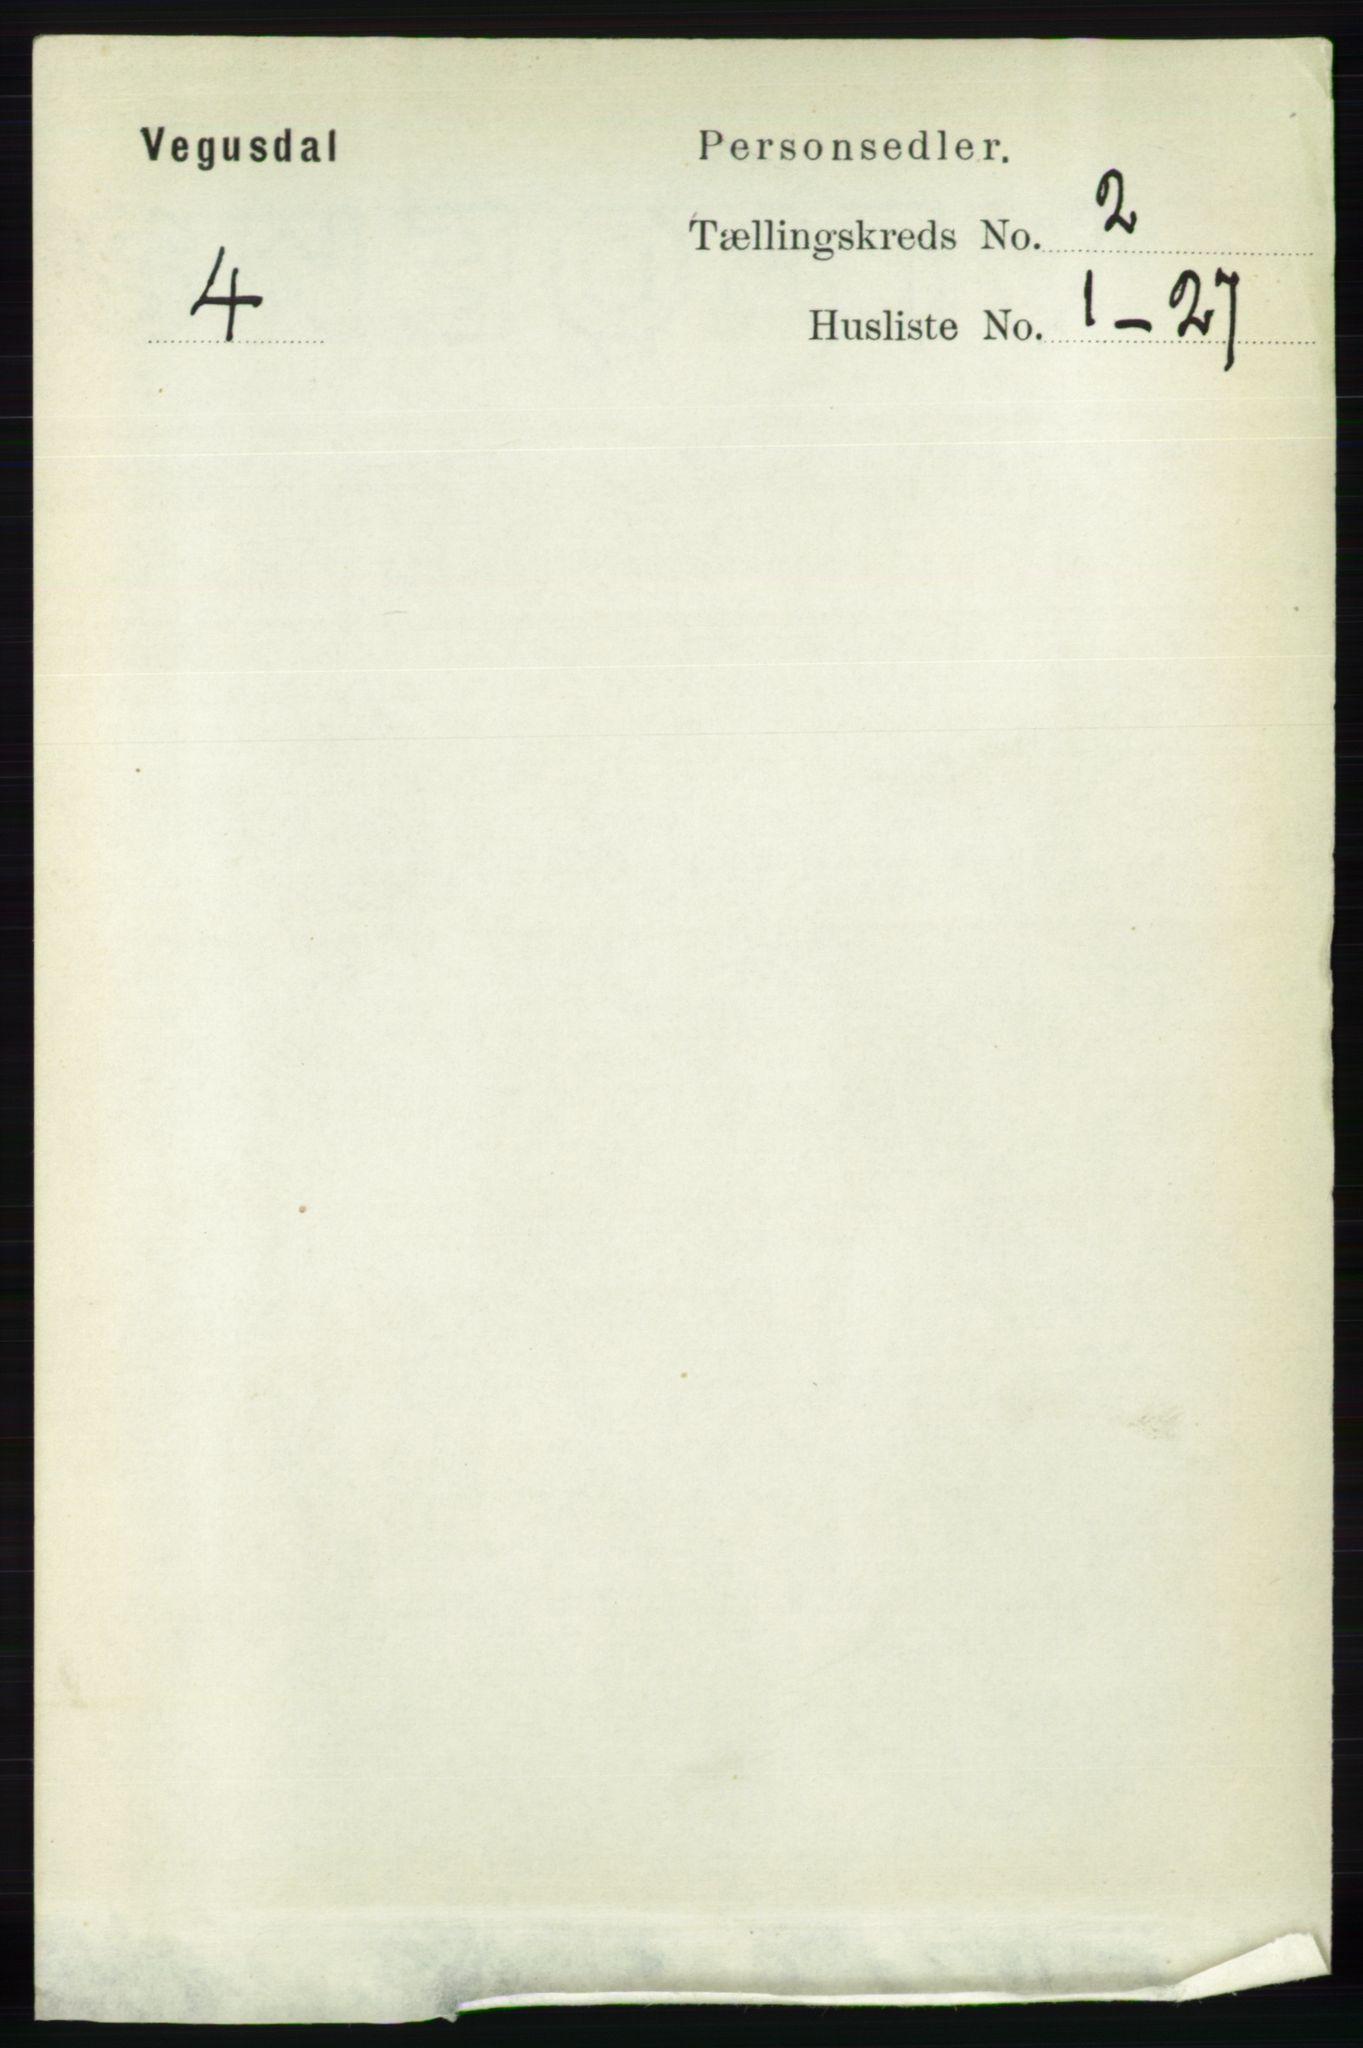 RA, Folketelling 1891 for 0934 Vegusdal herred, 1891, s. 318